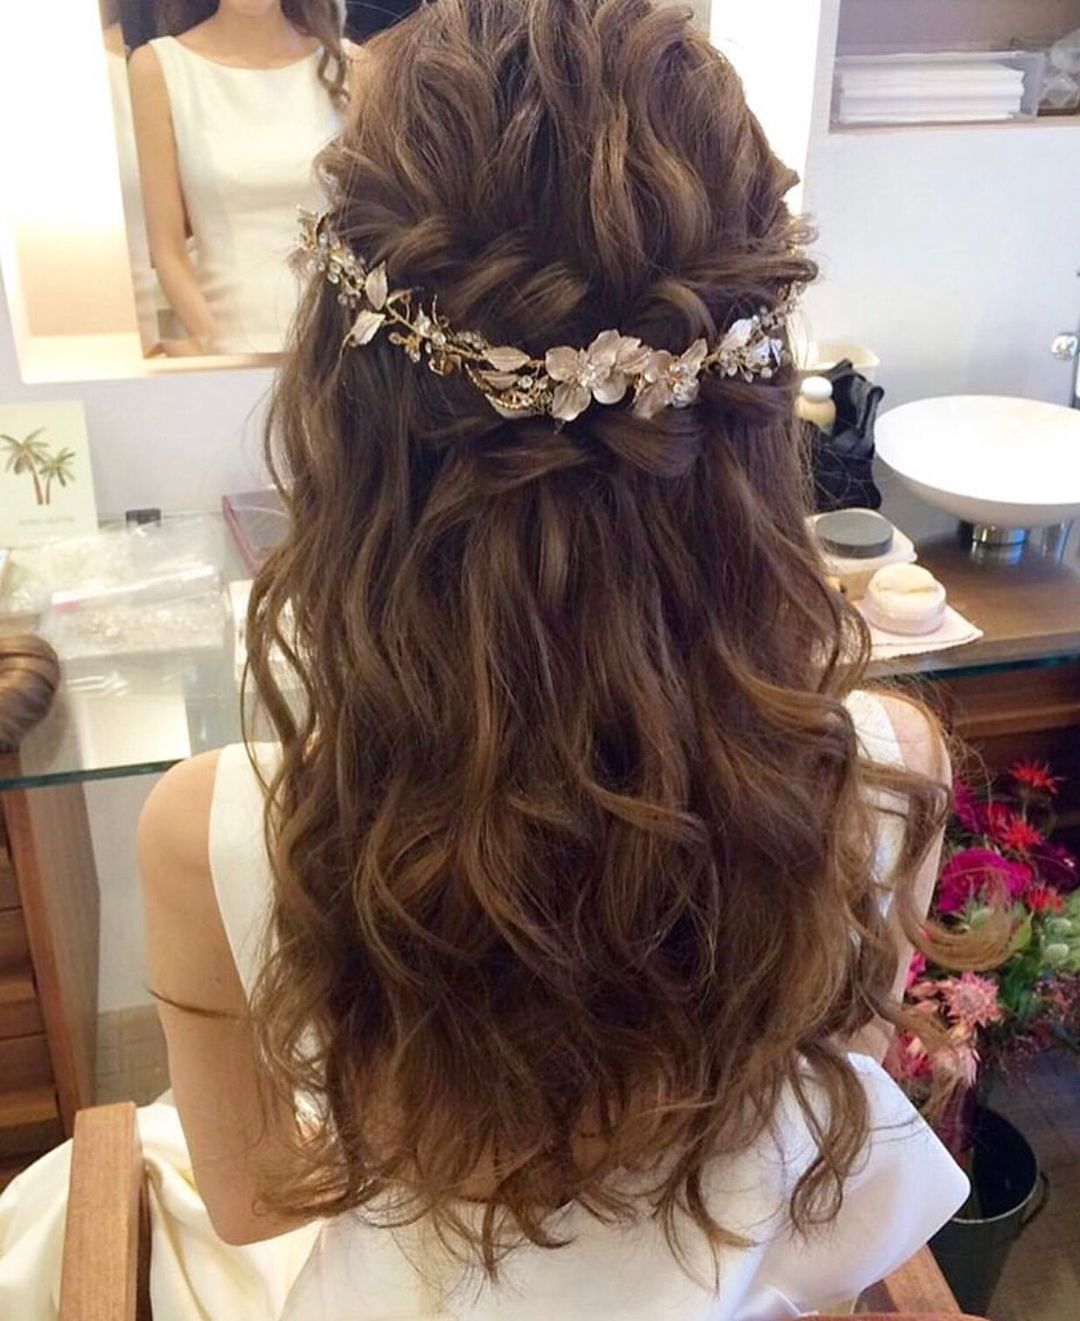 大人sweetな花嫁 ゴージャスなハーフアップには ゴールドのヘアアクセサリーでアクセントを シンプルだけど個性的で 優しい雰囲気がステキですね あえて飾りすぎず ヘアアクセサリーのみのコーディネートが 花嫁様ご自身の魅力を 結婚式 髪型 ハーフ